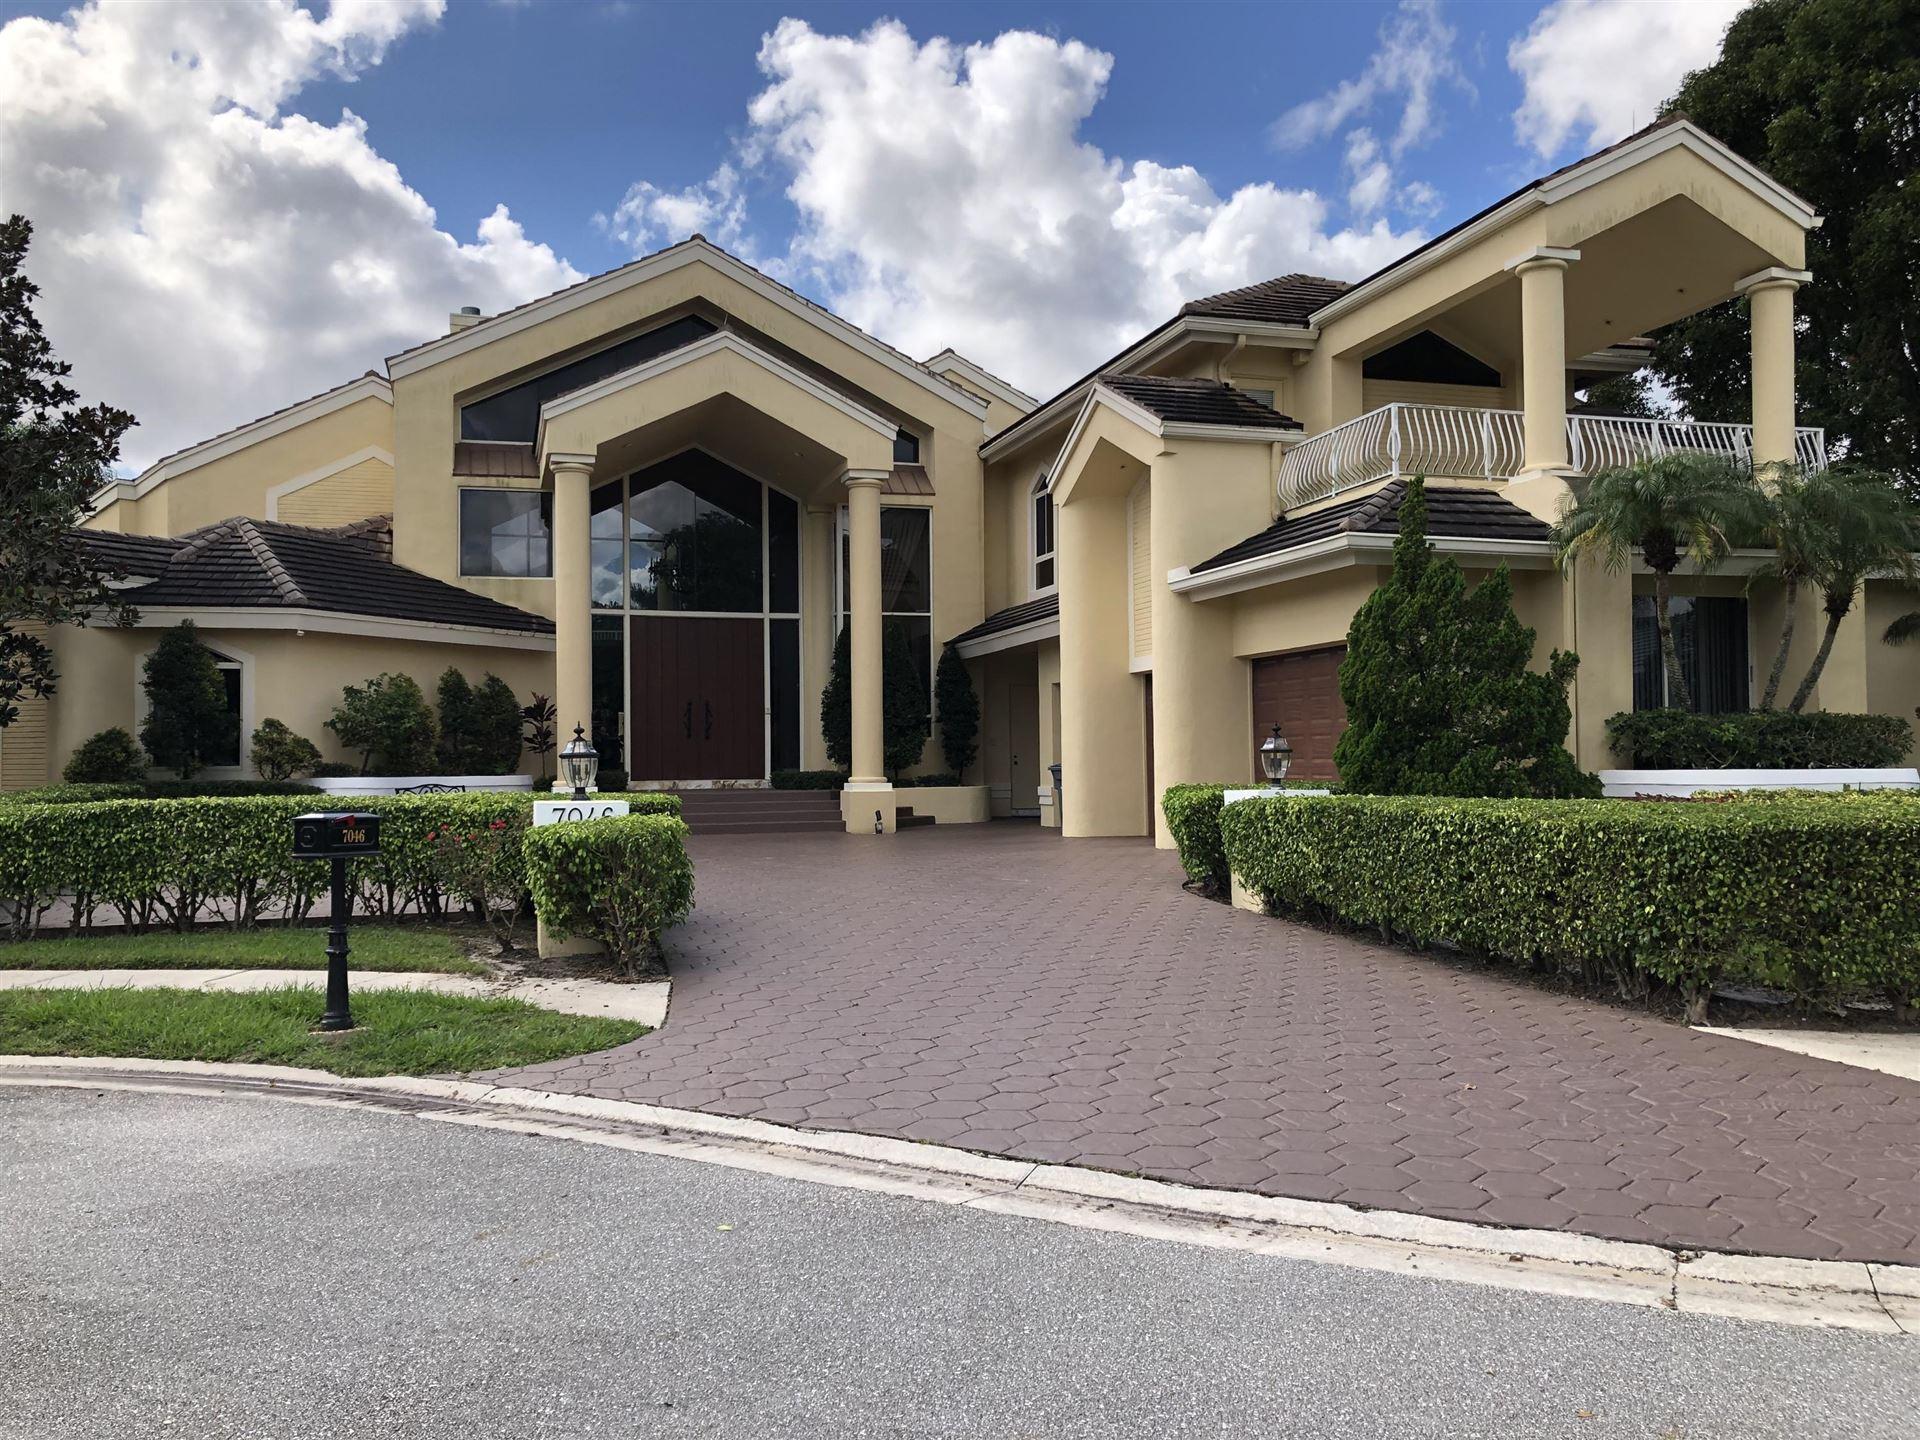 7046 Valencia Drive, Boca Raton, FL 33433 - #: RX-10648388